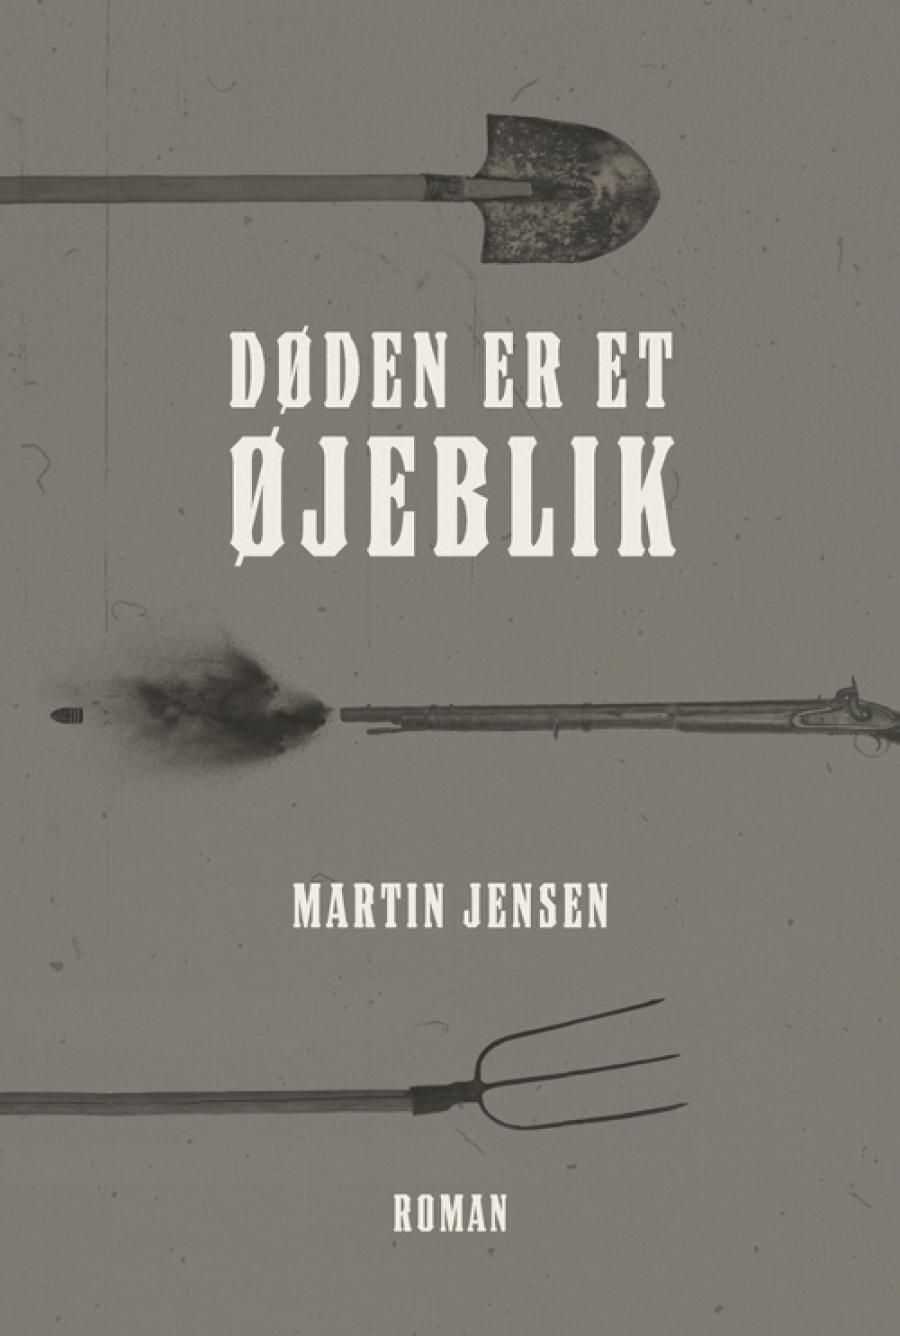 Forside til bogen Døden er et øjeblik af Martin Jensen